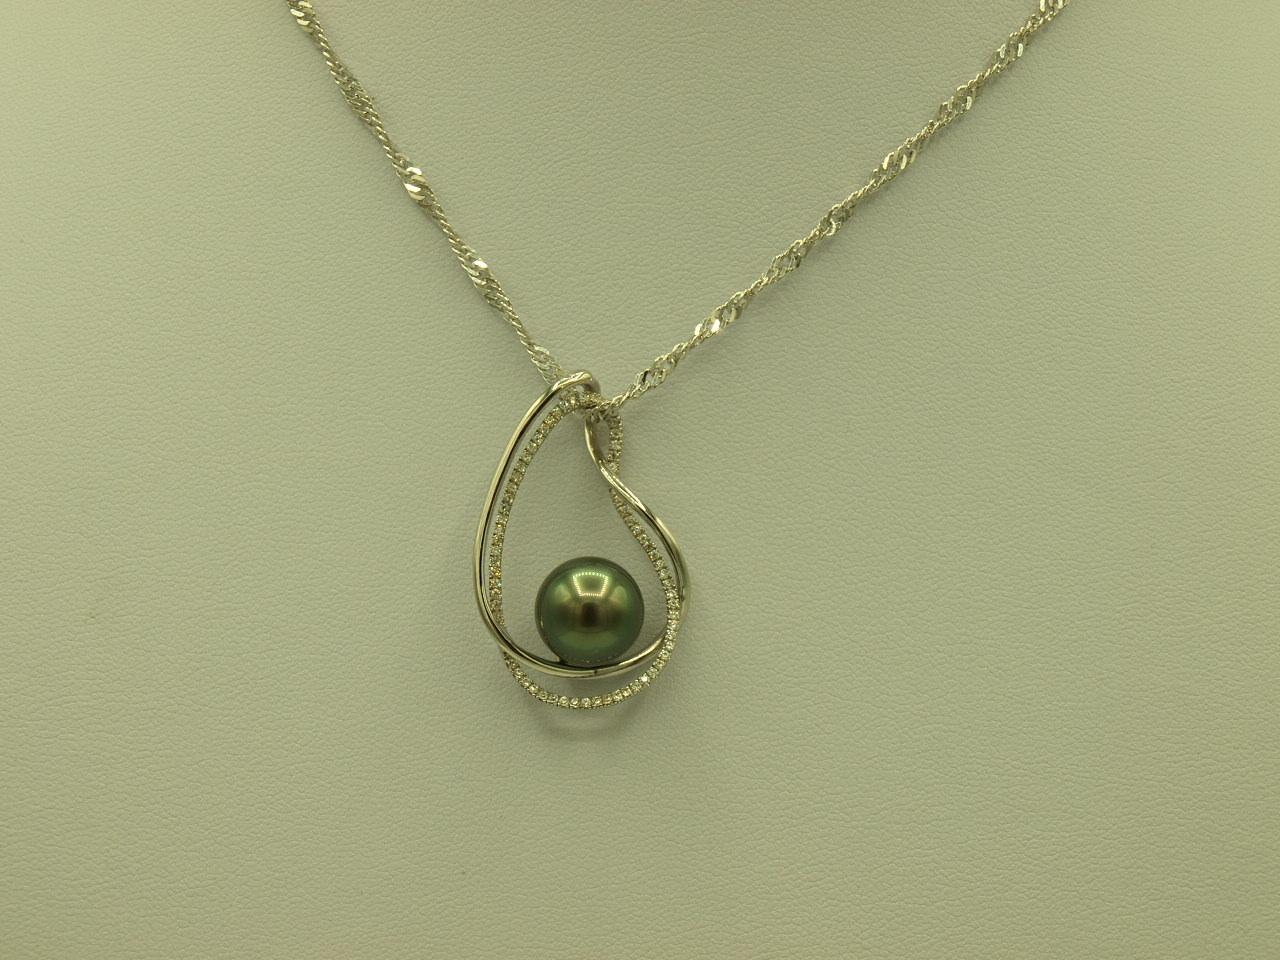 collier 2 fils enlac s en argent 925 rhodi avec zircons et une perle de tahiti sotahiti. Black Bedroom Furniture Sets. Home Design Ideas